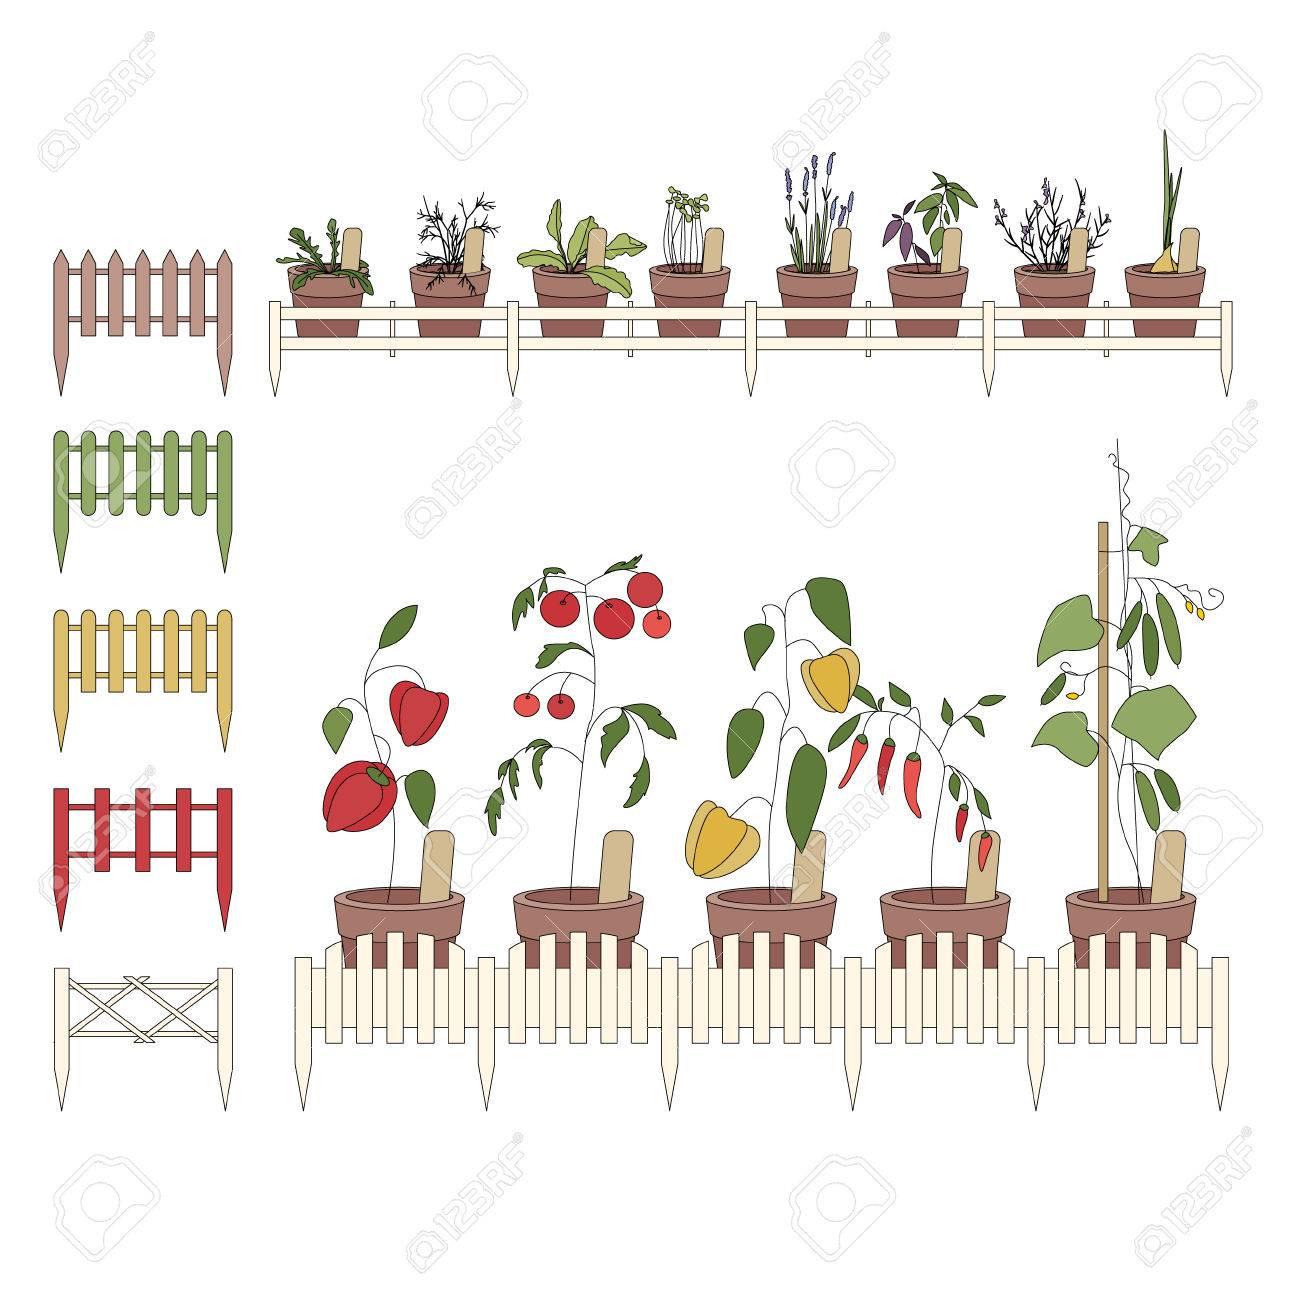 Blumentöpfe Mit Blumen Angebaut. Dekorative Zaun. Pflanzen Auf Der ...